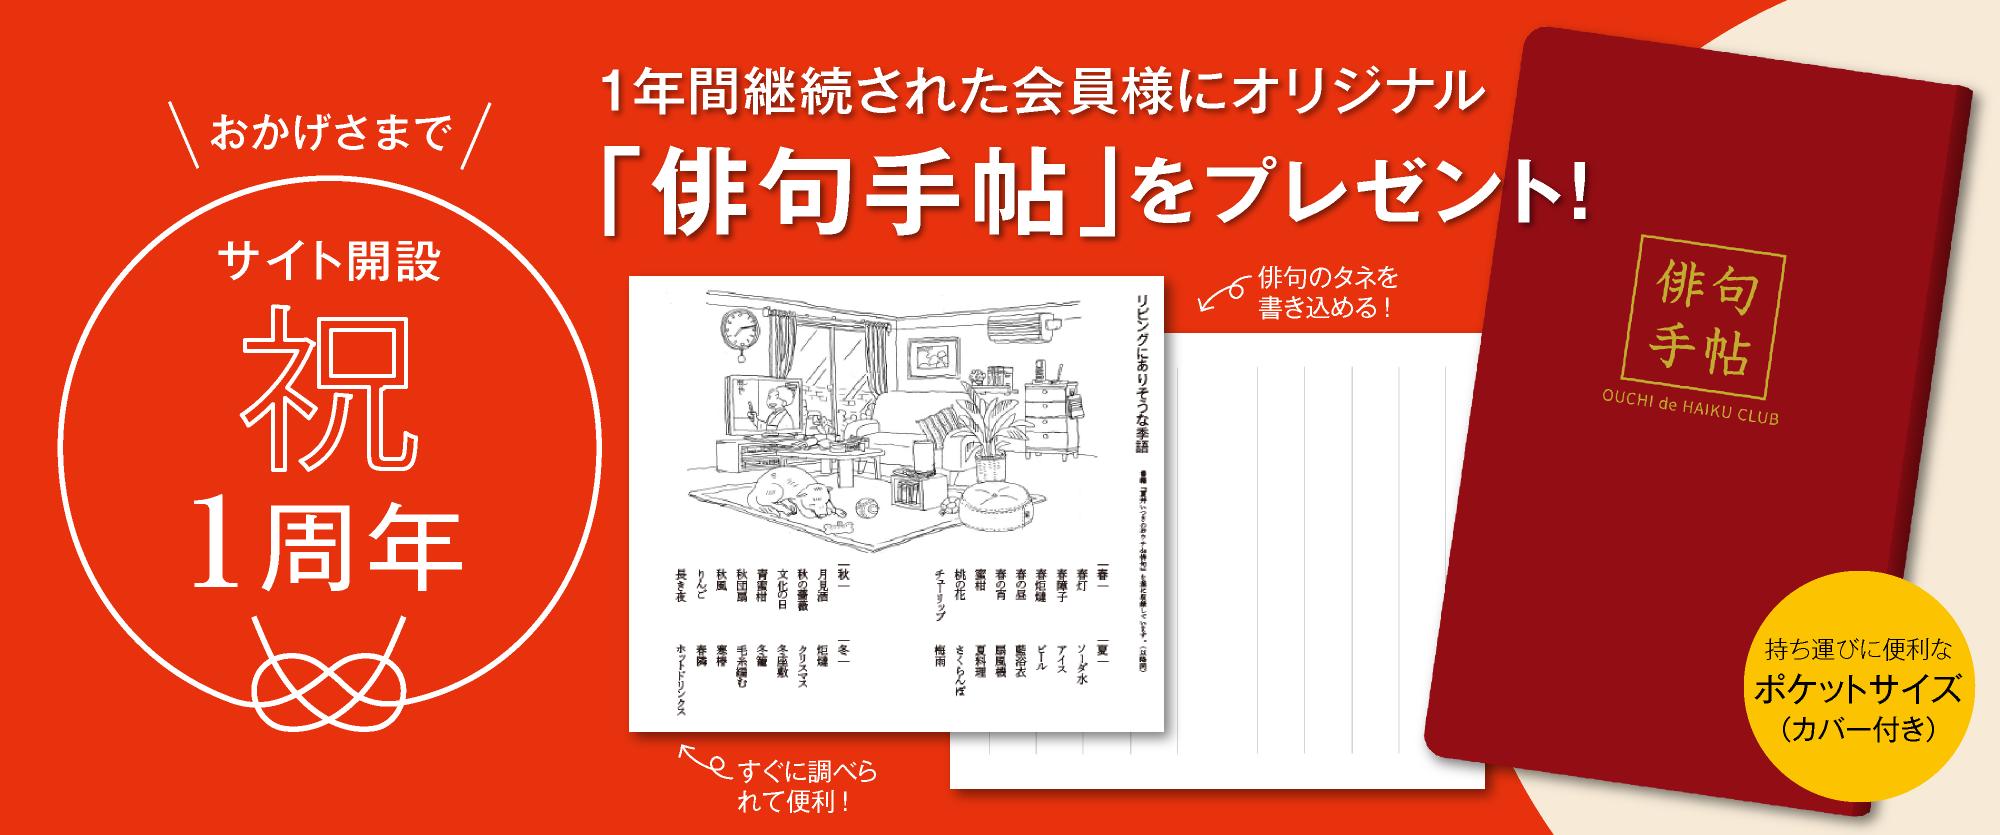 【サイト開設1周年】1年間継続された会員様にオリジナル「俳句手帖」をプレゼント!